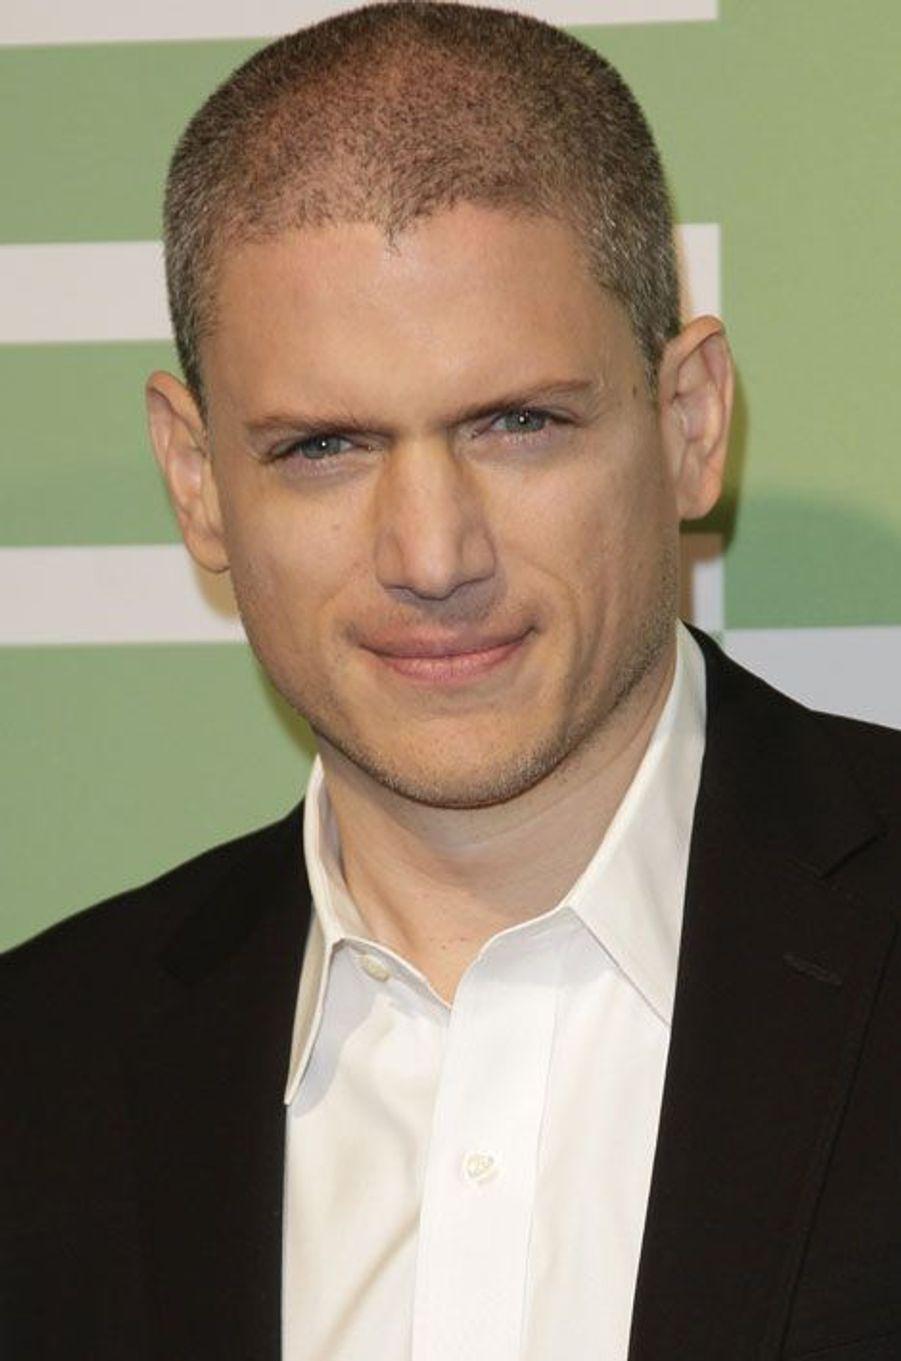 Michael Scofield (Wentworth Miller)